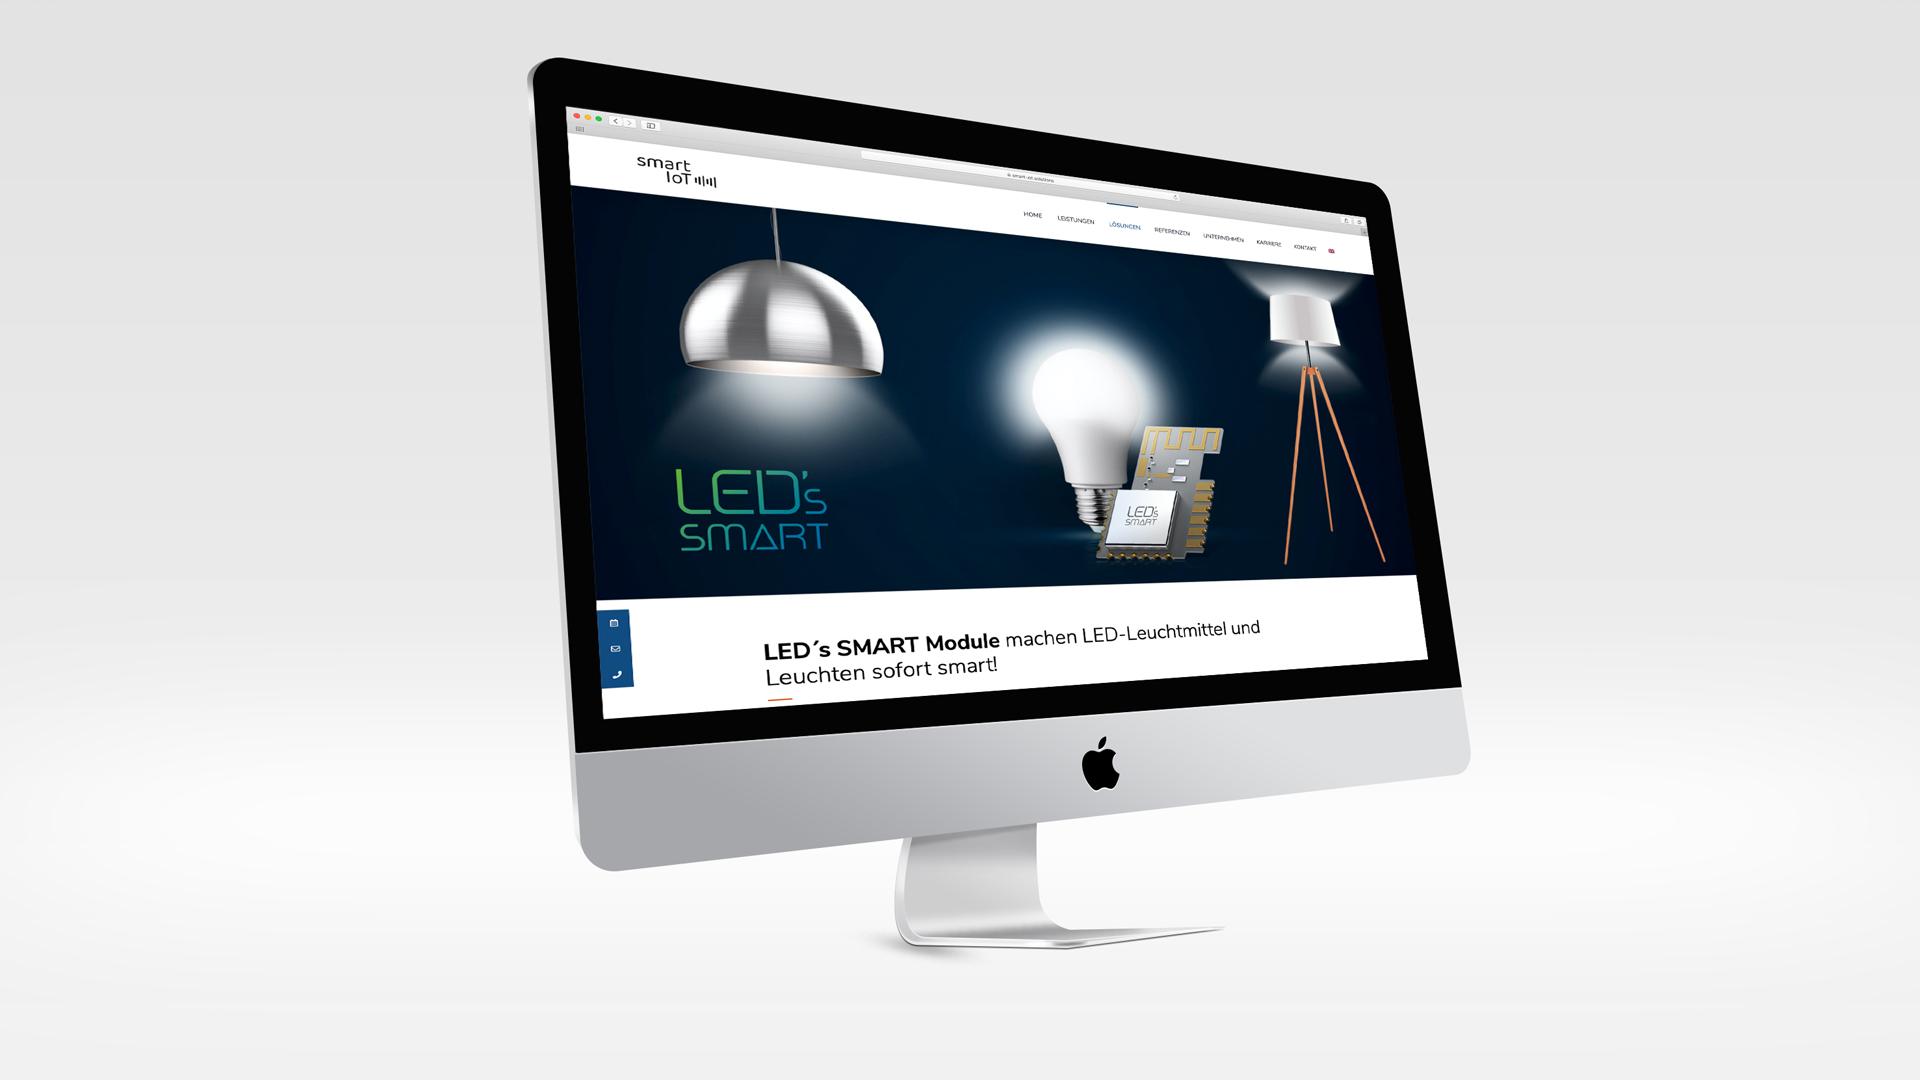 Markenentwicklung – Brand Design für smarte Lampensteuerung, Webdesign